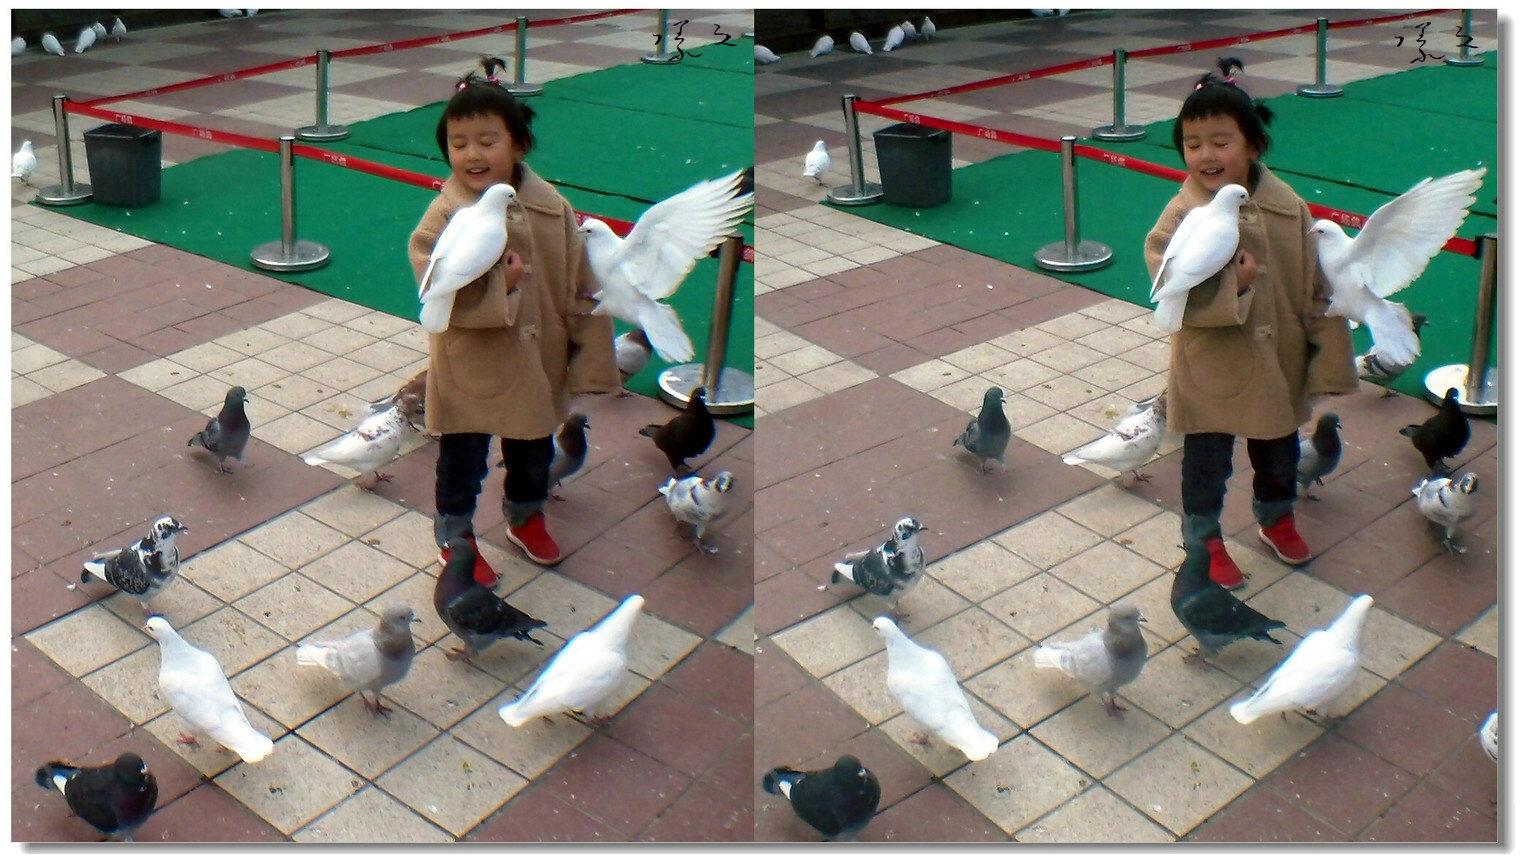 【原创】小孩与鸽子 -3